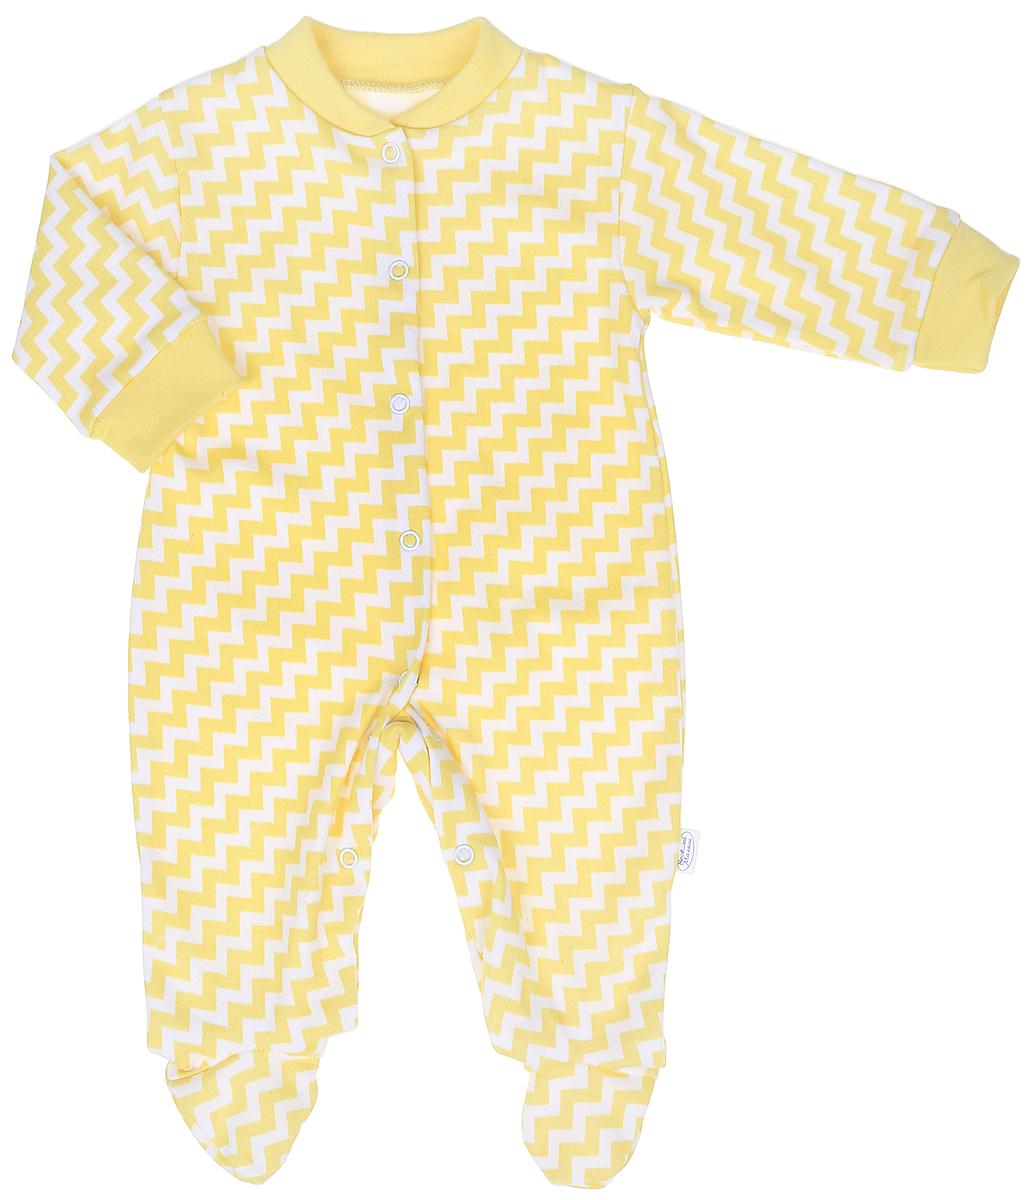 Комбинезон домашний для мальчика Веселый малыш One, цвет: желтый. 51152/One-Зигзаг. Размер 6251152Комбинезон домашний для мальчика Веселый малыш с закрытыми ножками выполнен из качественного материала. Модель с длинными рукавами застегивается на кнопки.